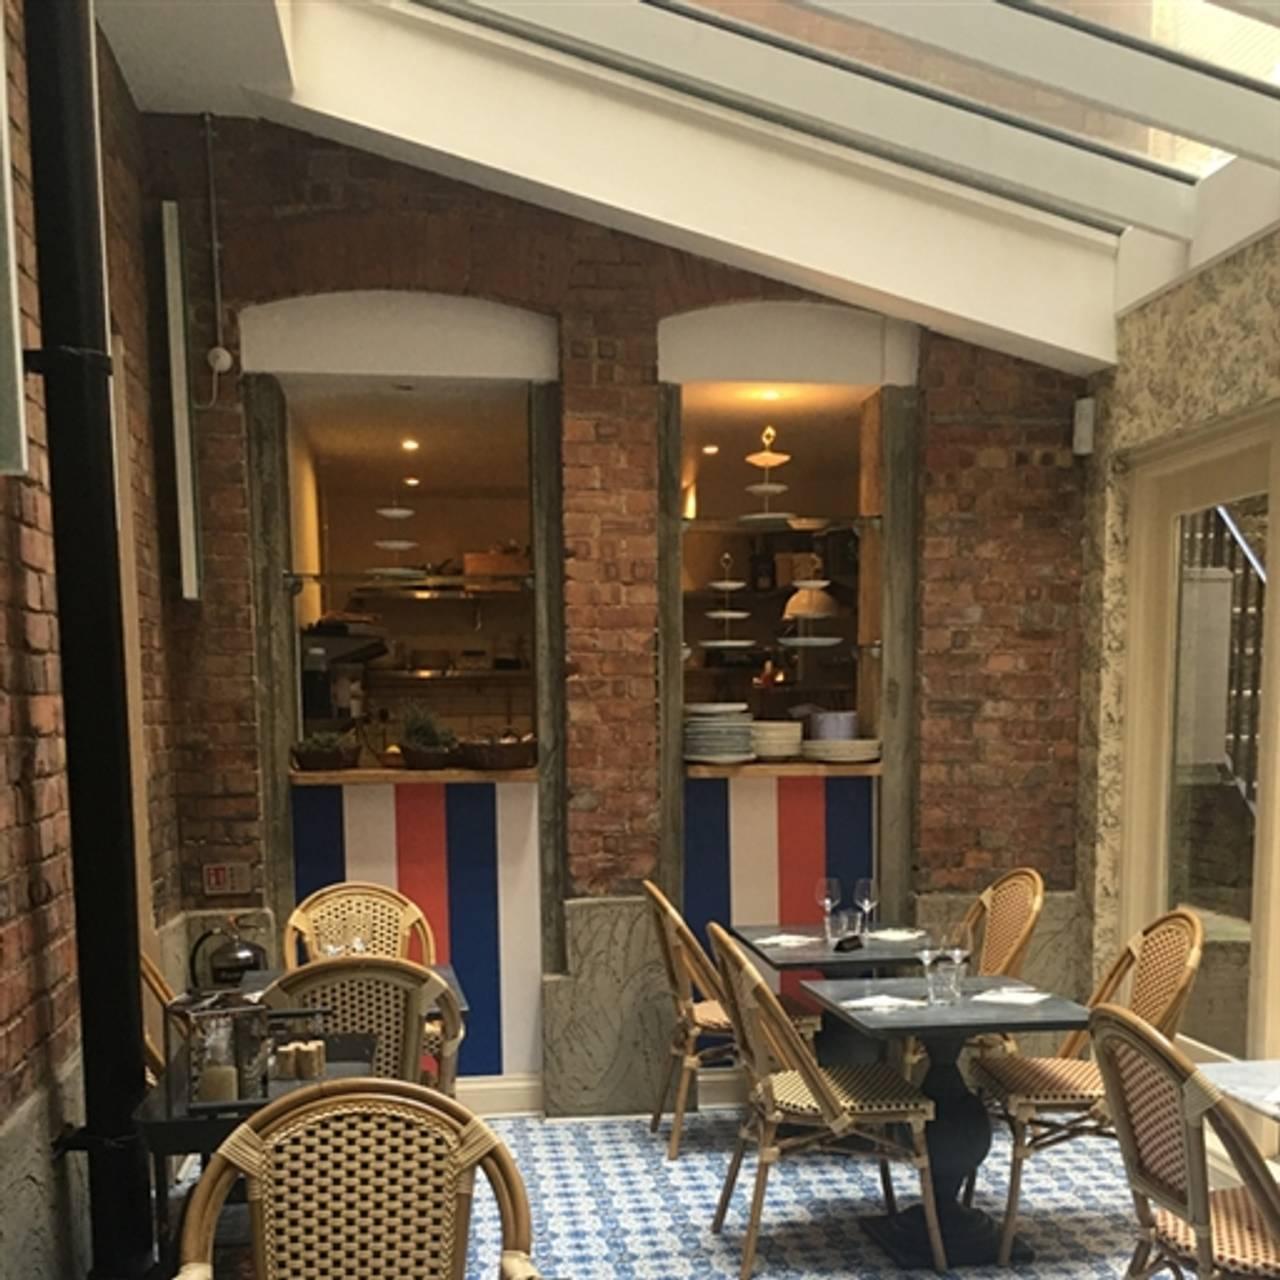 Le Vieux Comptoir London Opentable